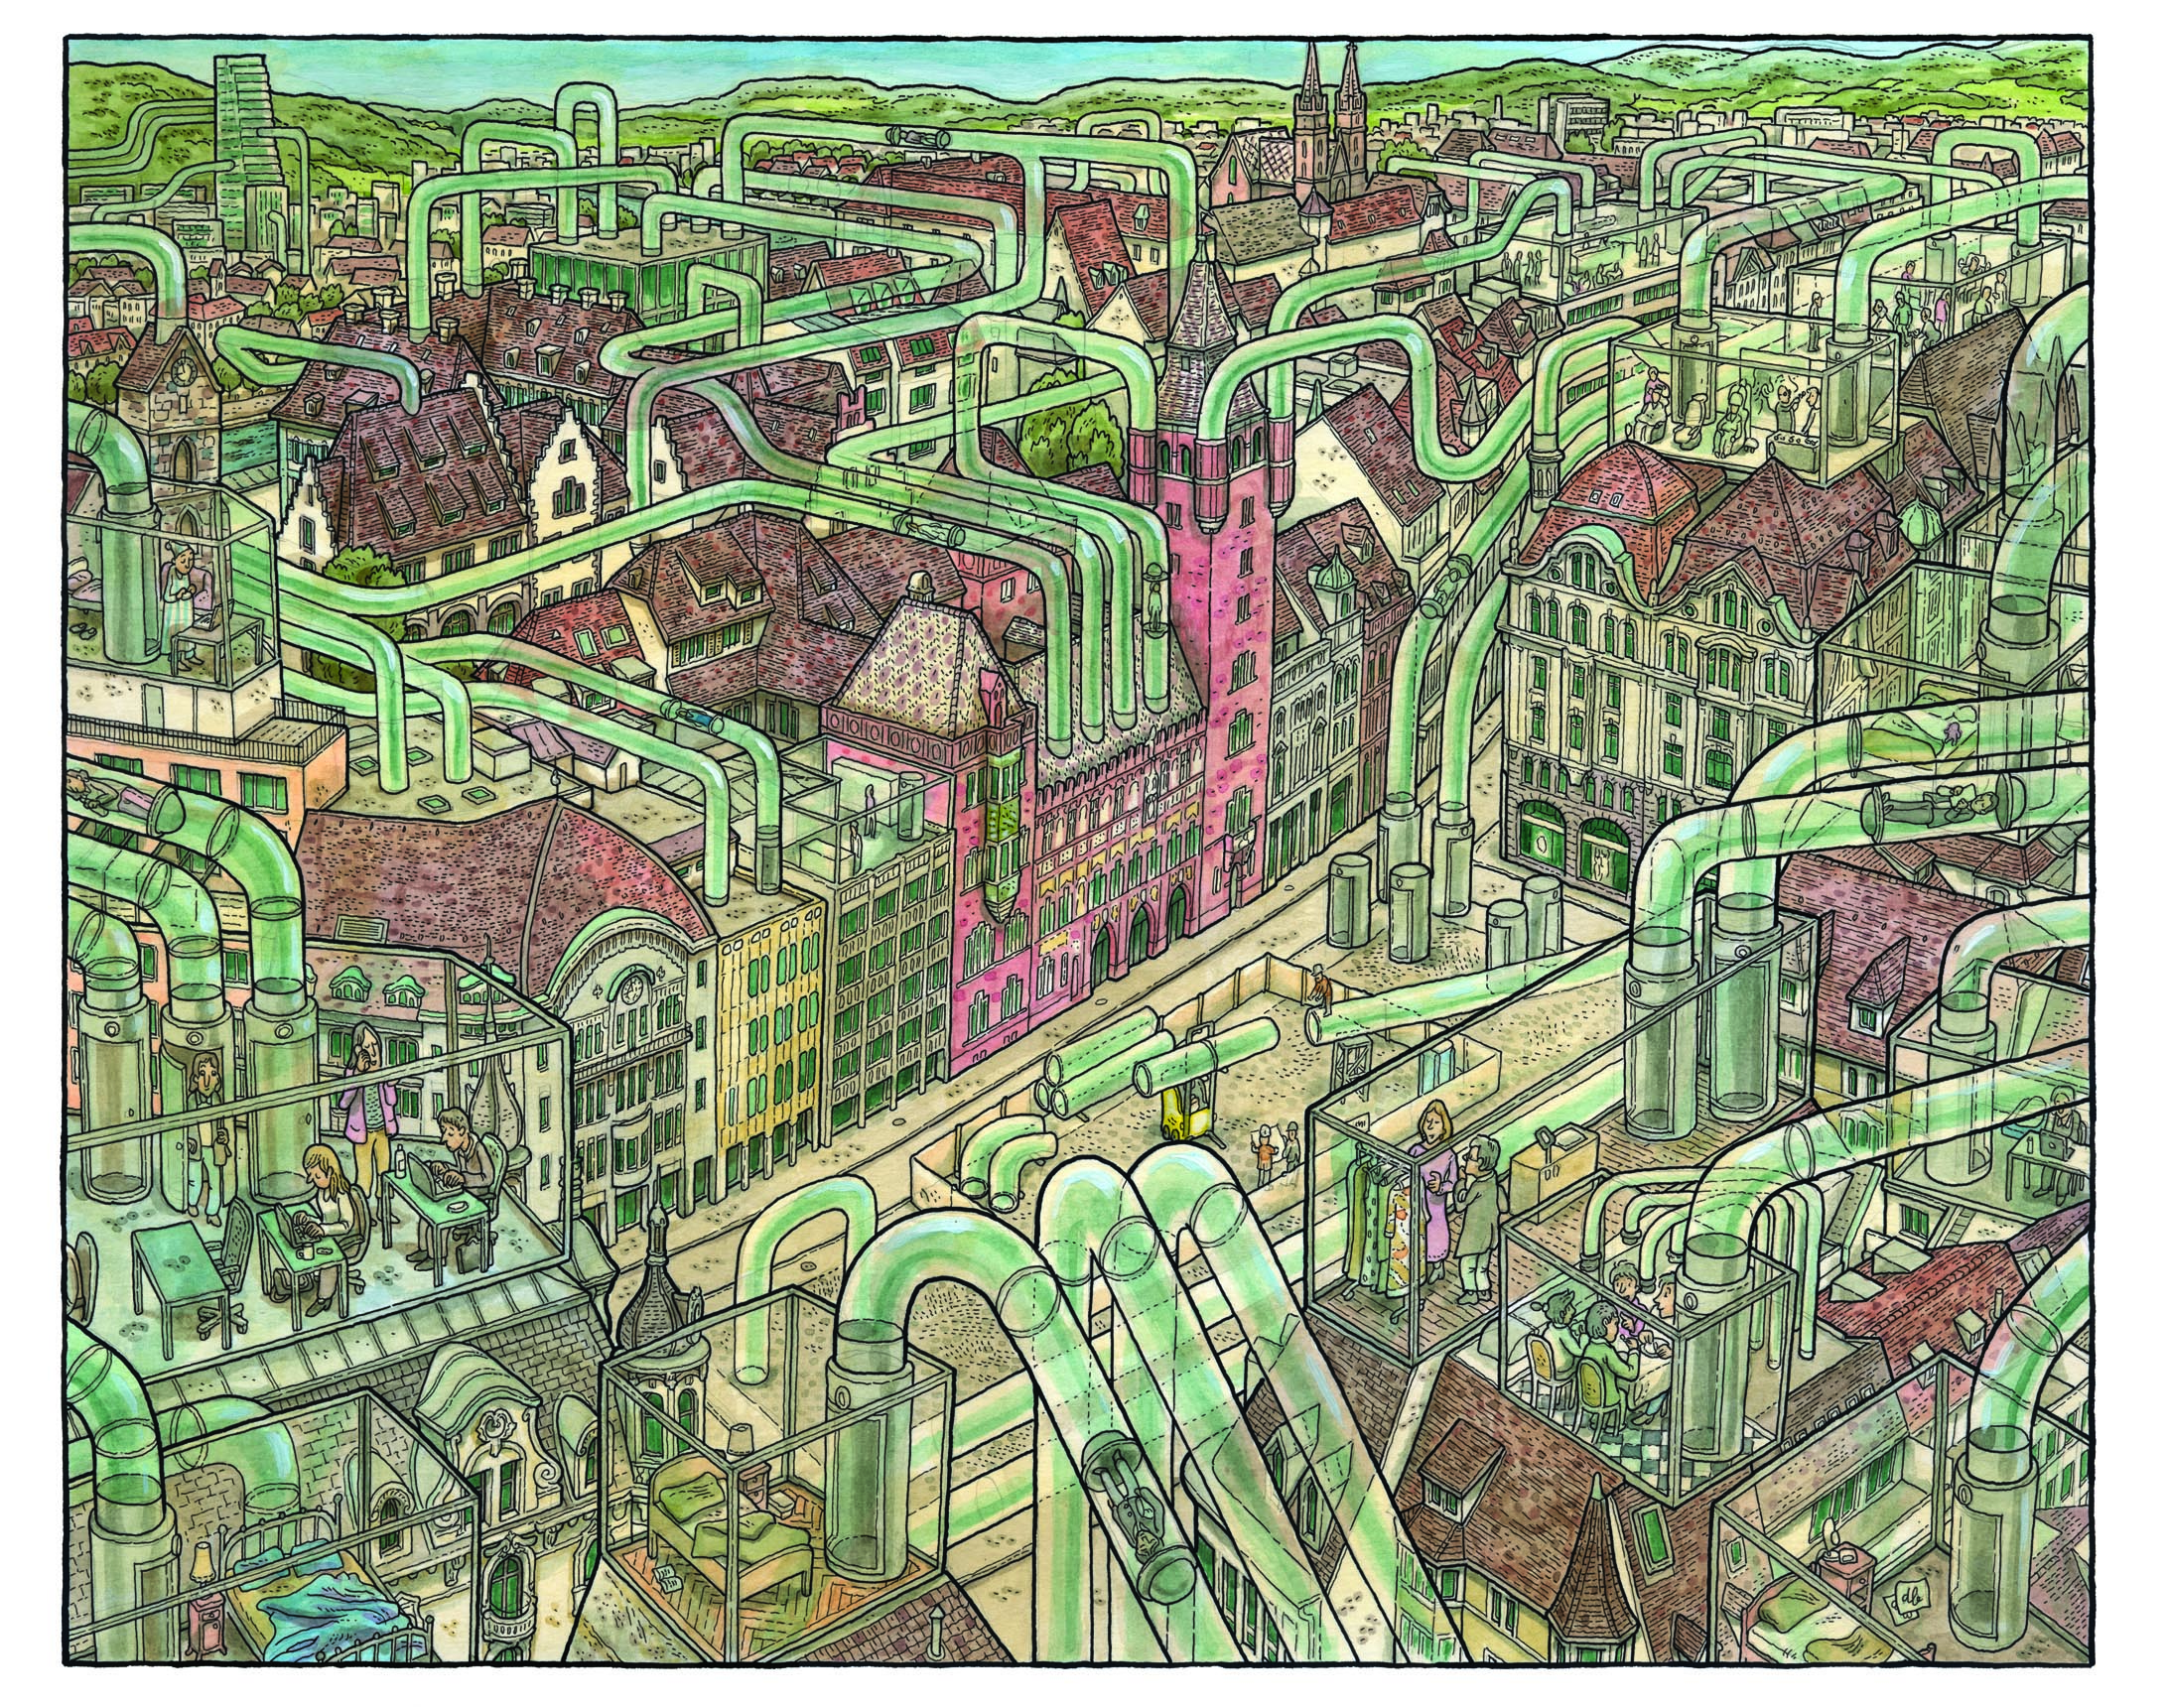 Habitat RGB 150dpi.jpg